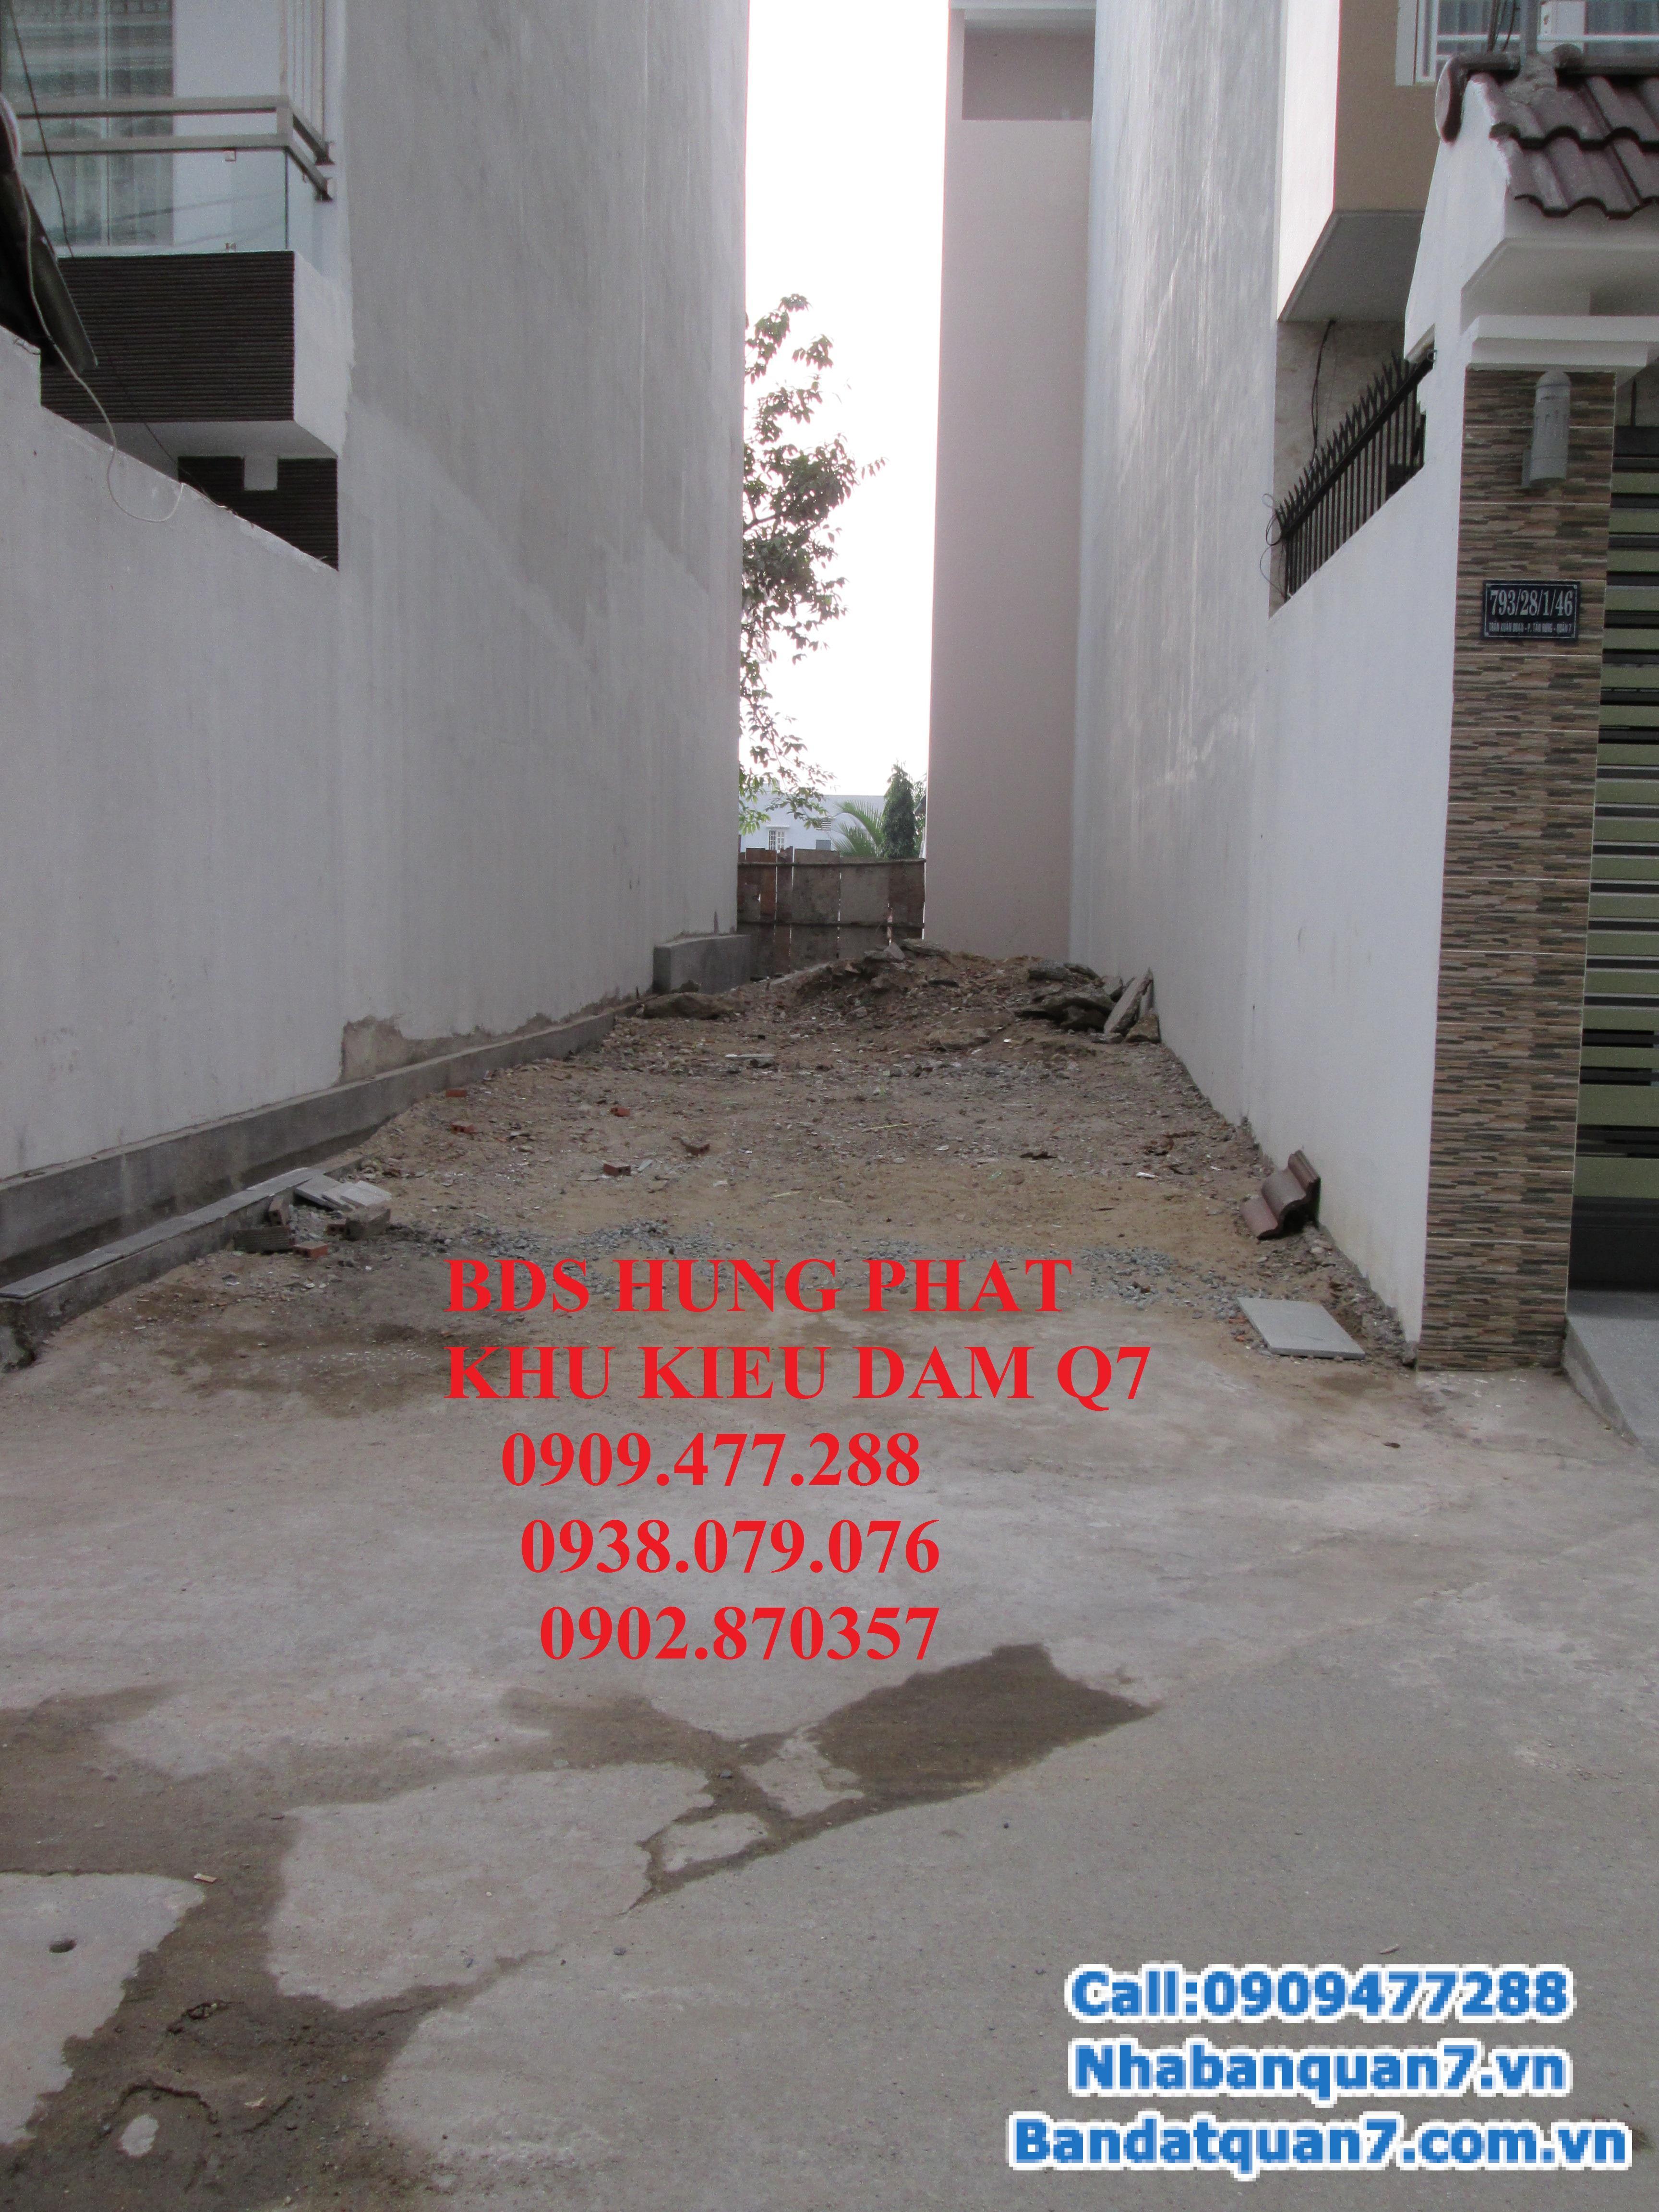 Bán đất đường số tân quy, dt 6x20m, giá 75 triệu/m2. Lh 0909477288